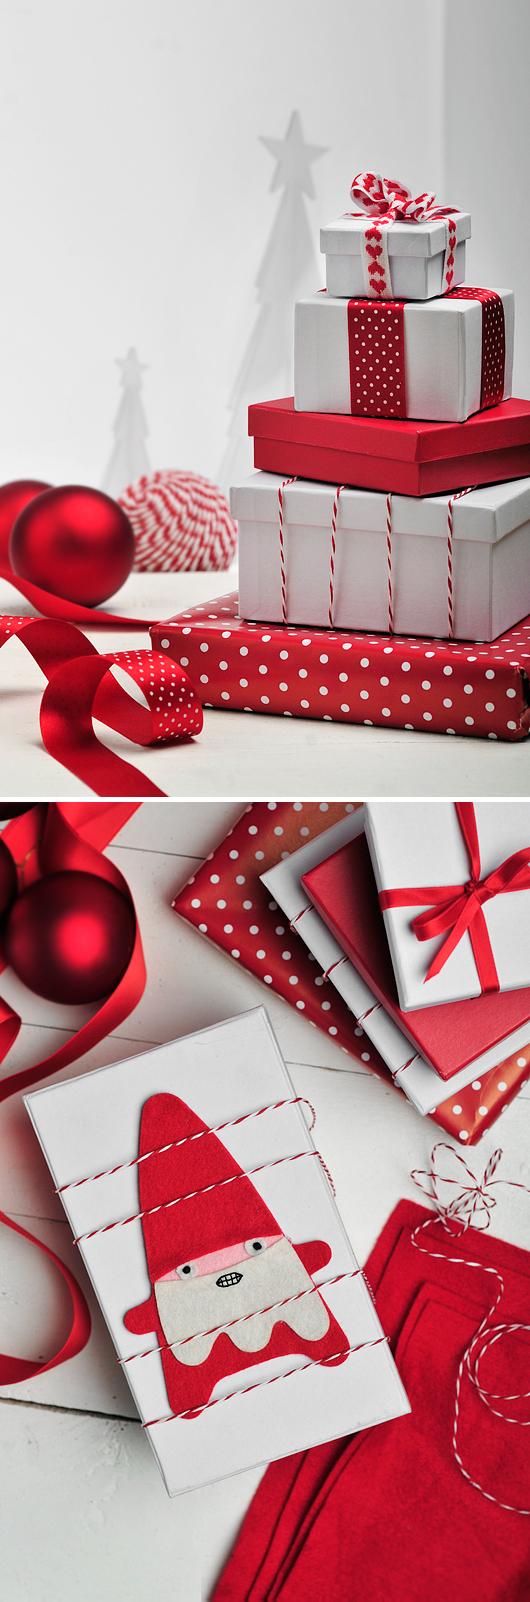 Julklappsinslagning inspiration pyssel blogg inredningsblogg tips snygga röda paket.jpg